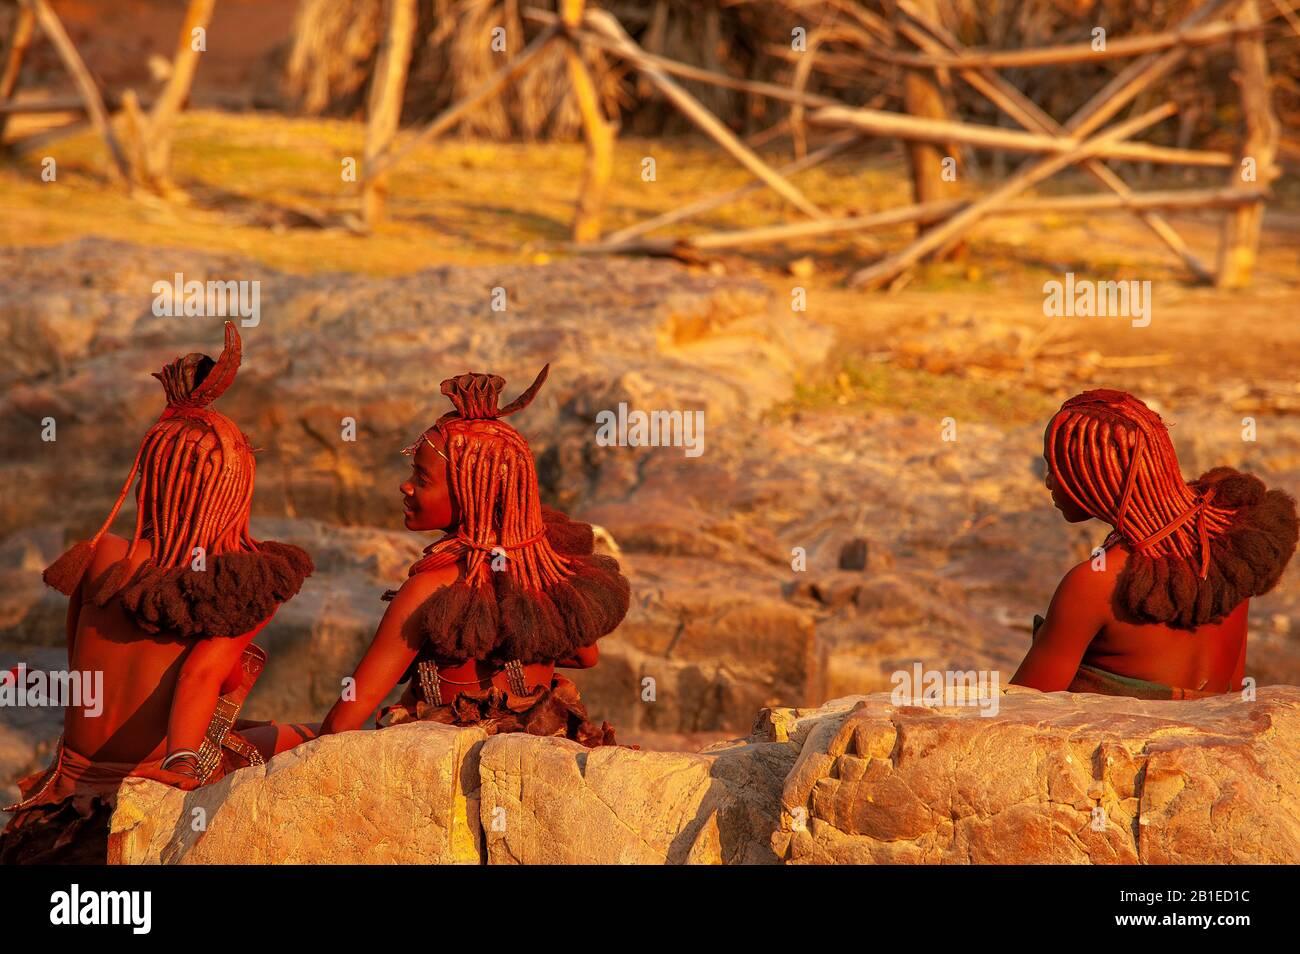 Donna Himba con acconciatura tradizionale alle cascate di Epupa, nella regione di Kunene, Namibia Foto Stock